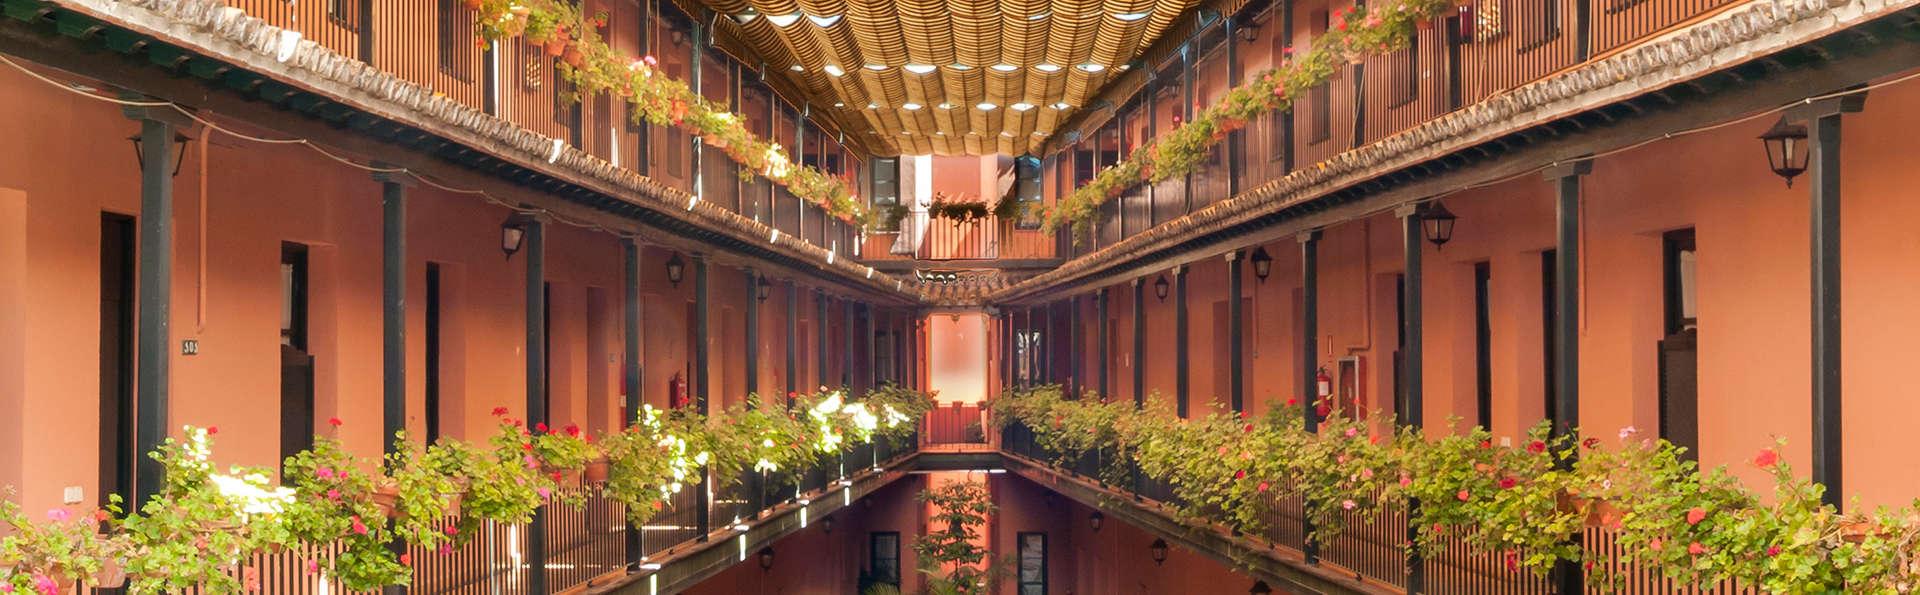 Patio de la Cartuja - EDIT_Patio-interior-3.jpg